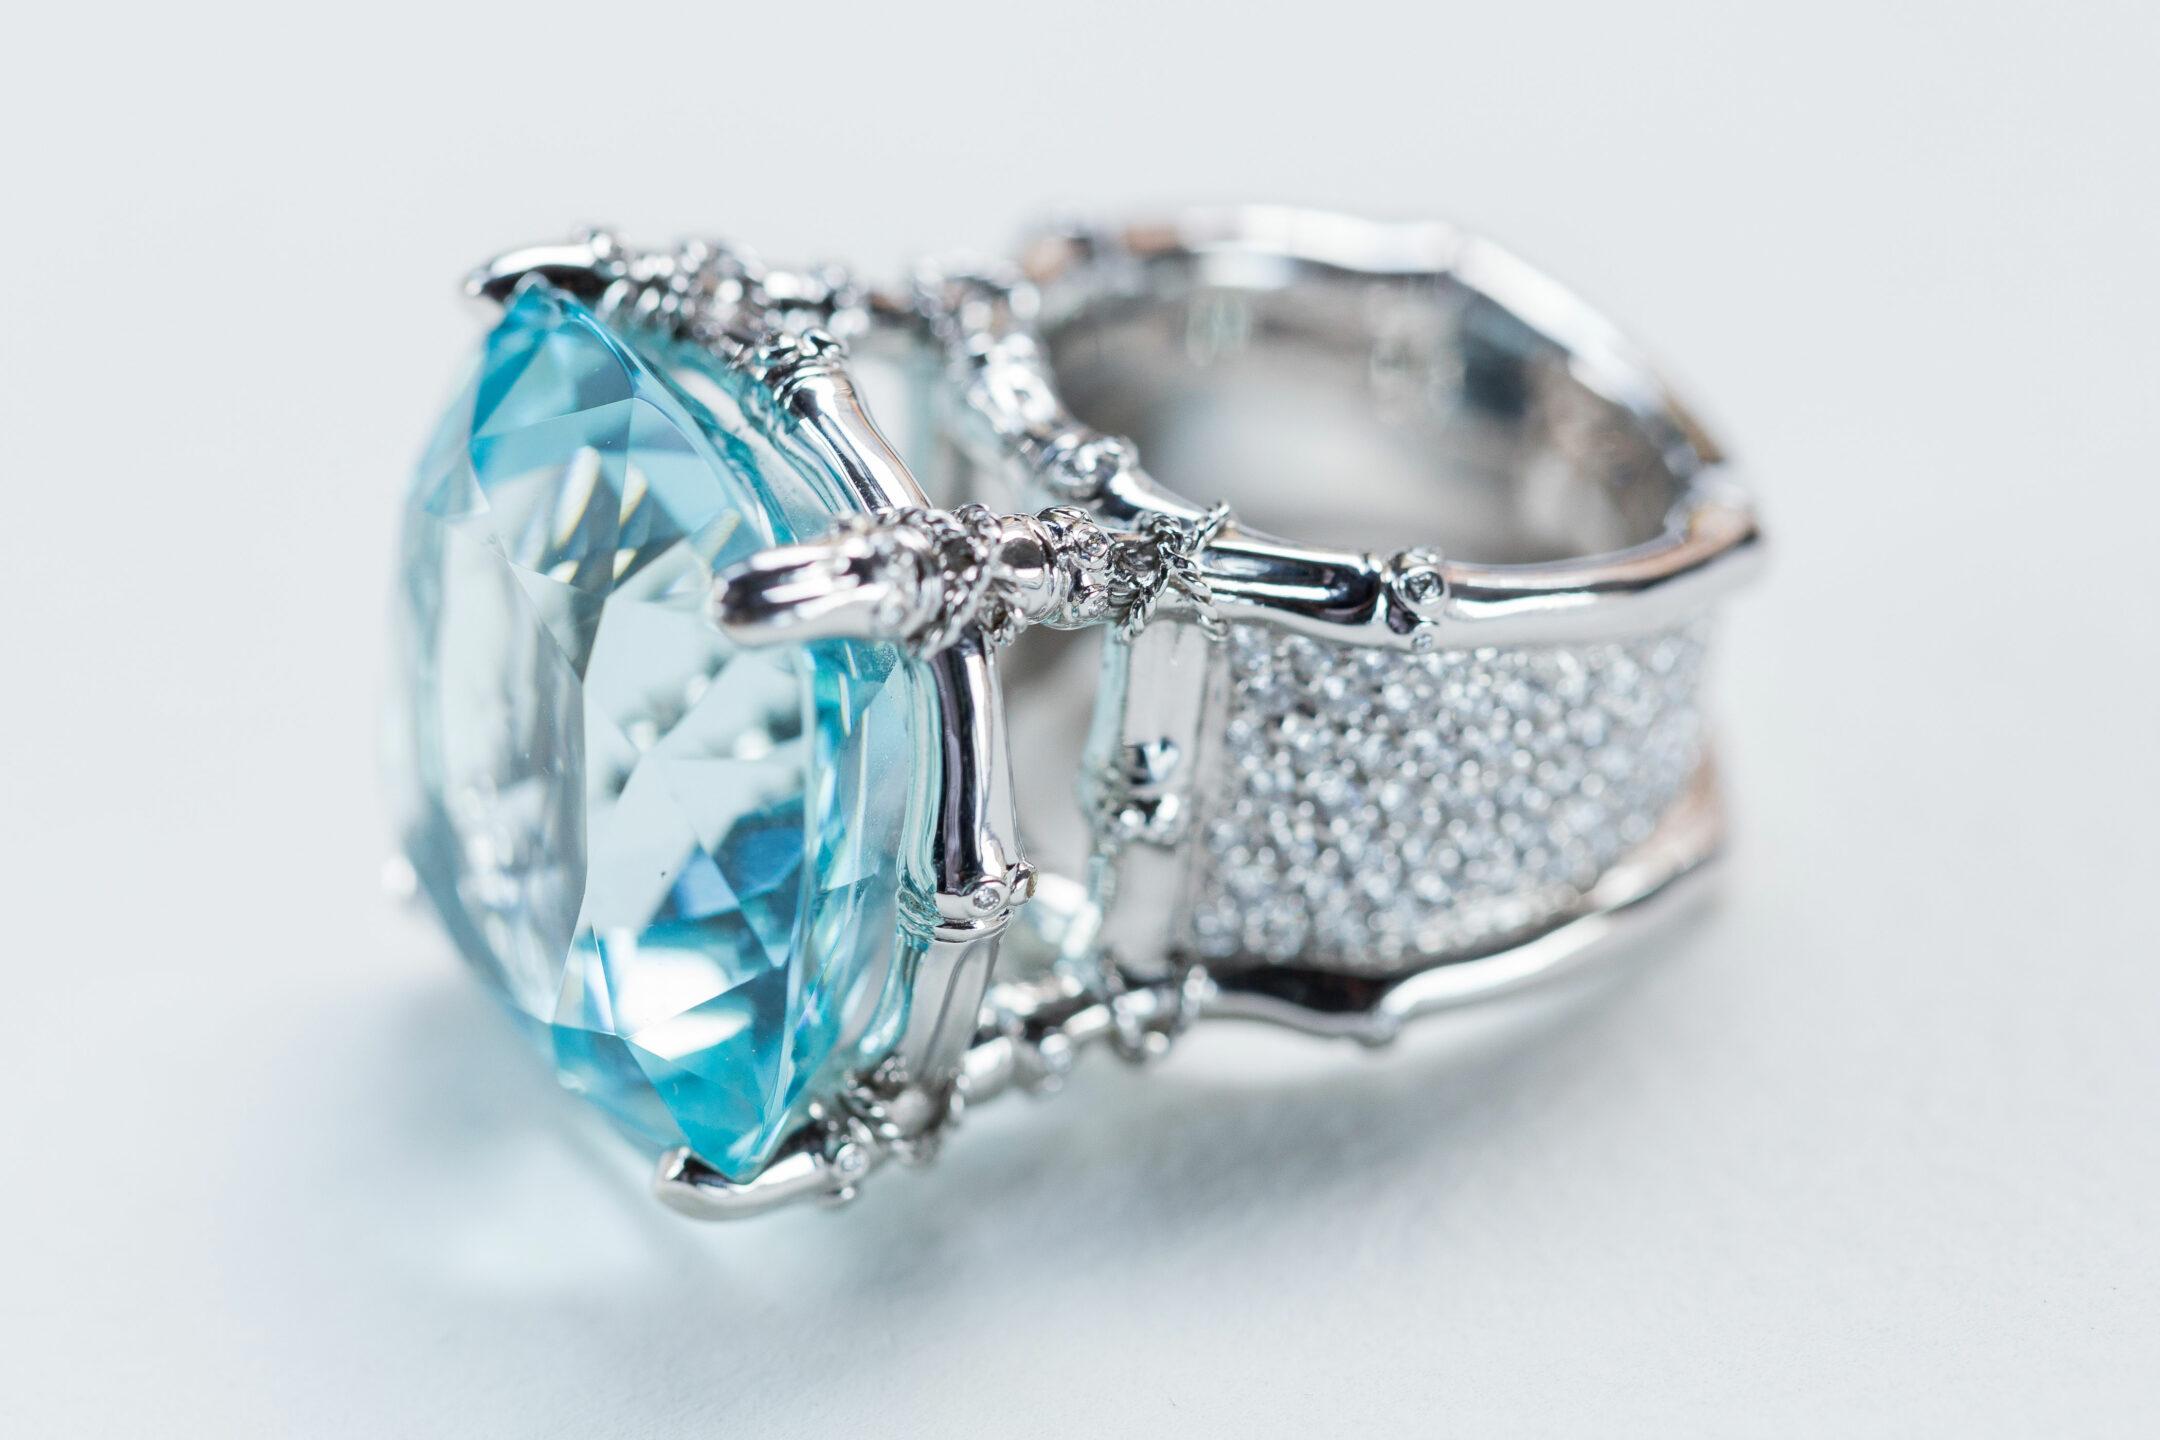 mish_products_rings_wakaya_Bili Bili-Ring-3